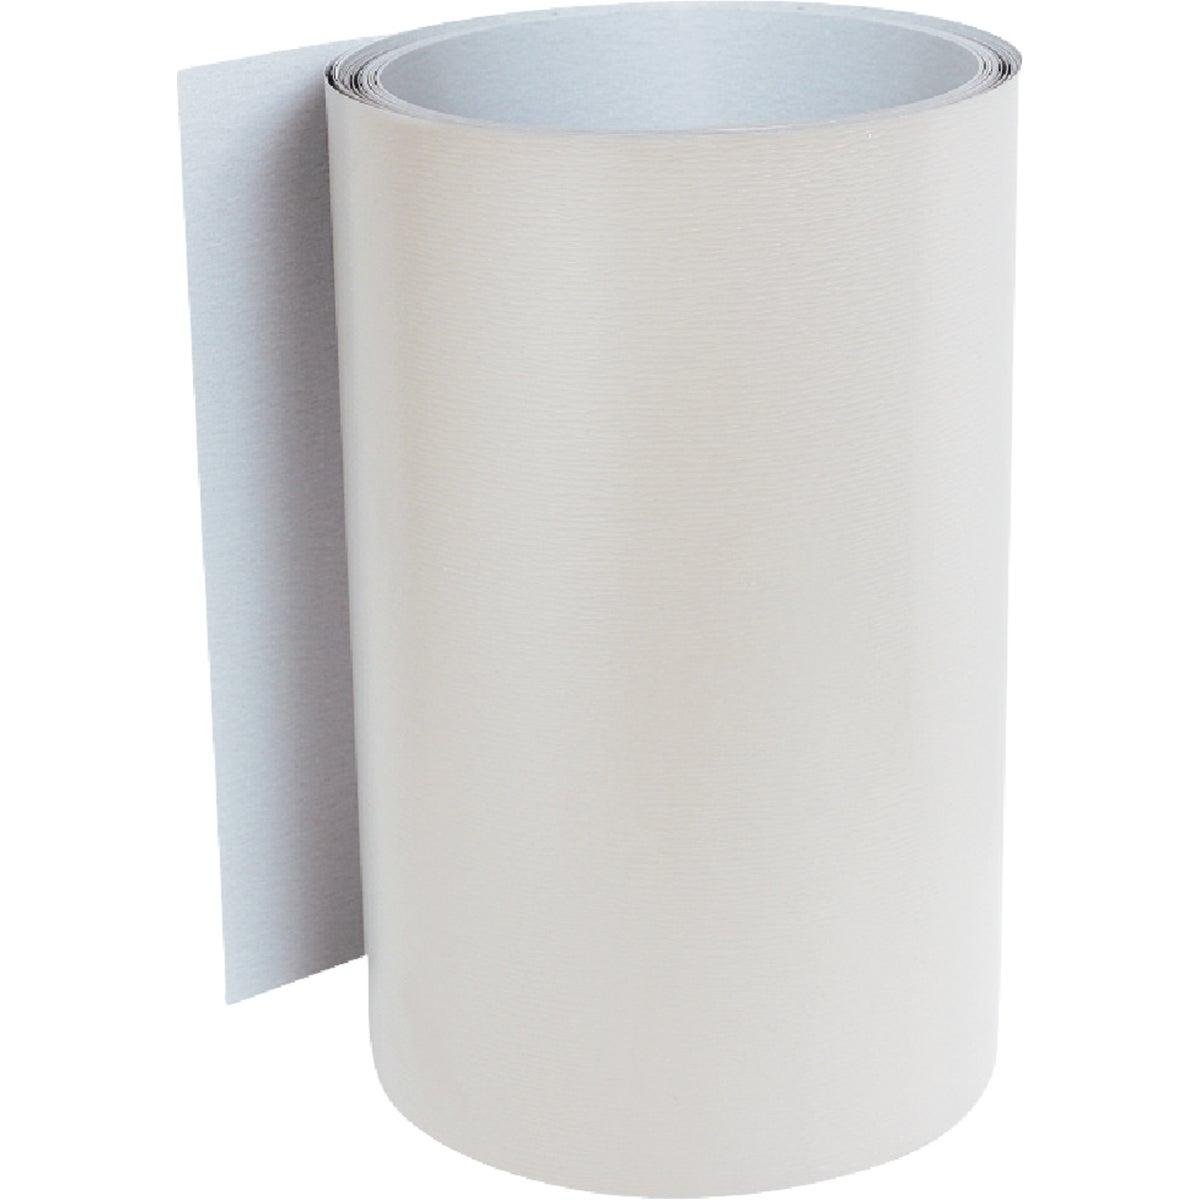 Klauer Painted Aluminum Trim Coil, 30210-AJ21